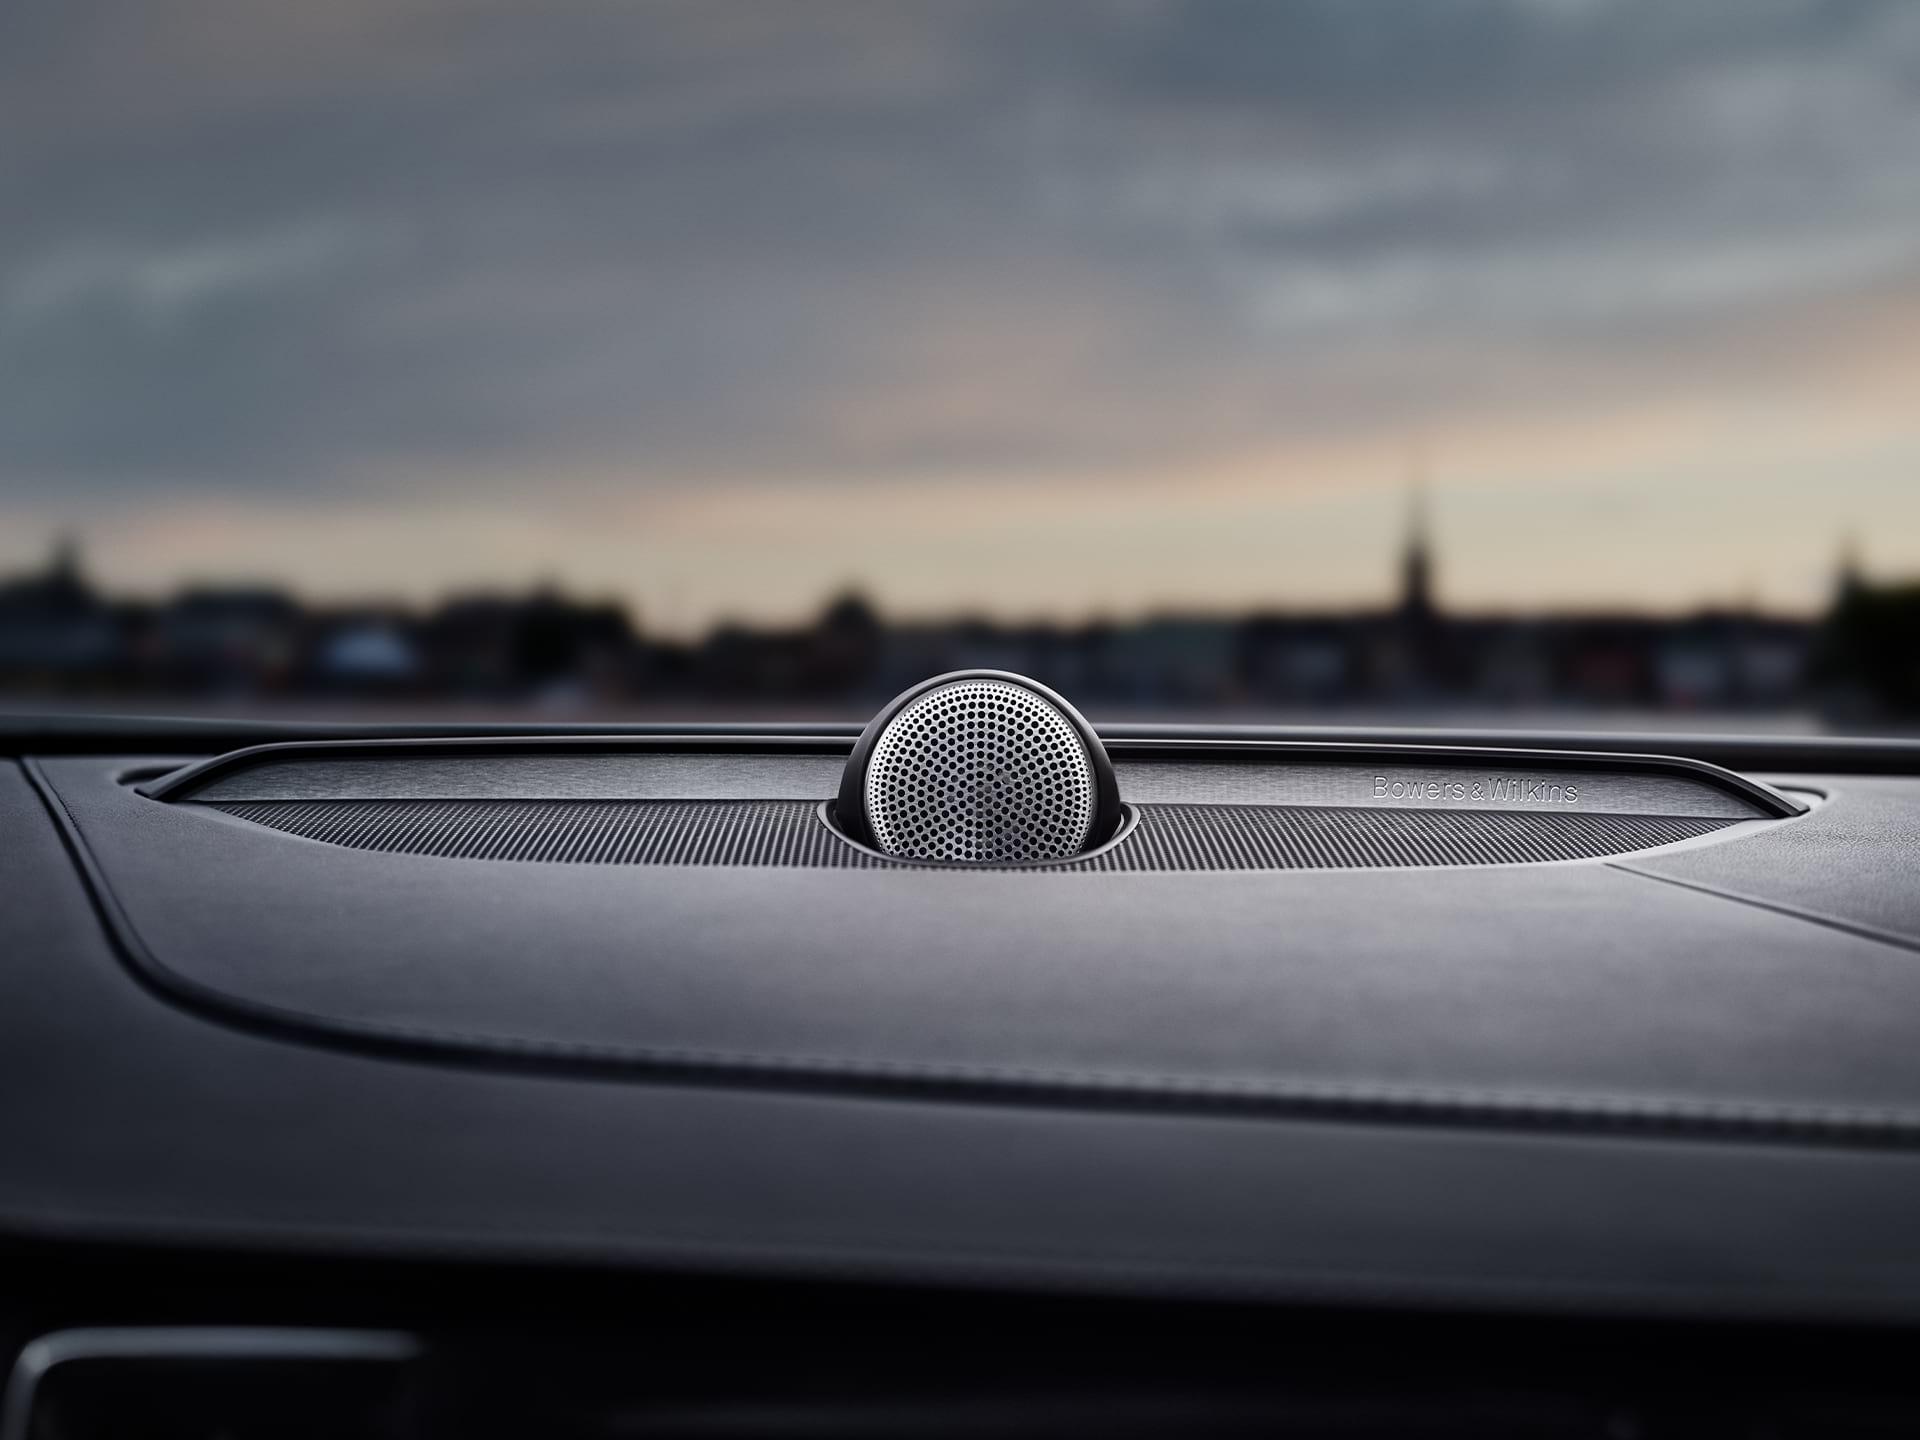 Volvo S90 avtomobilinin içərisində Bowers & Wilkins dinamikləri.